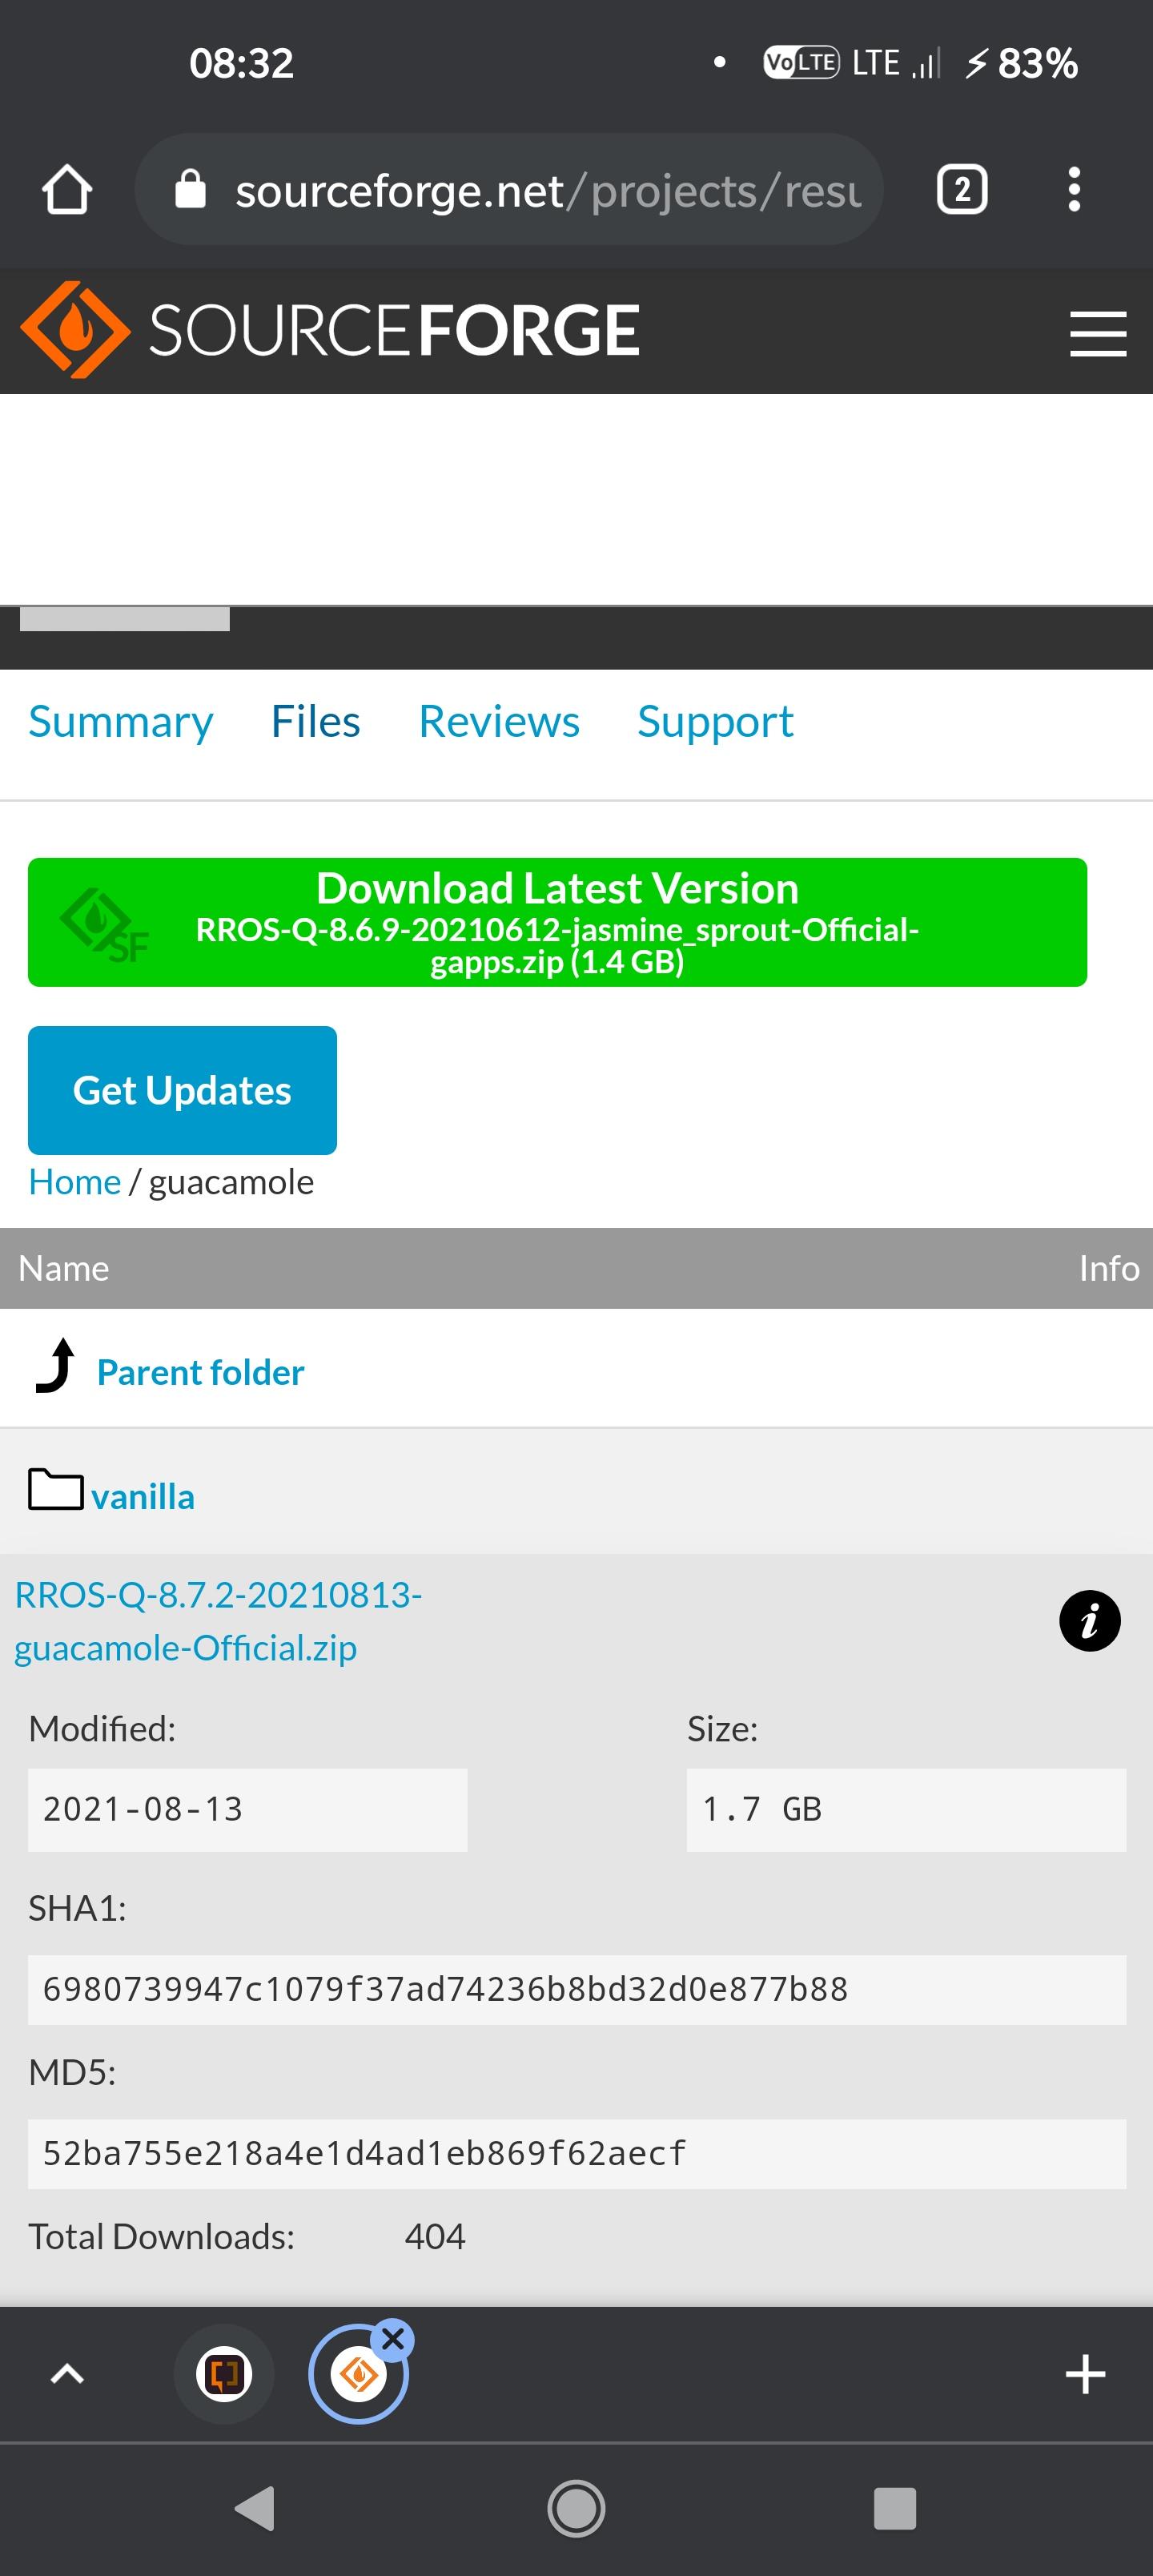 Screenshot_20210826-083222145.jpg